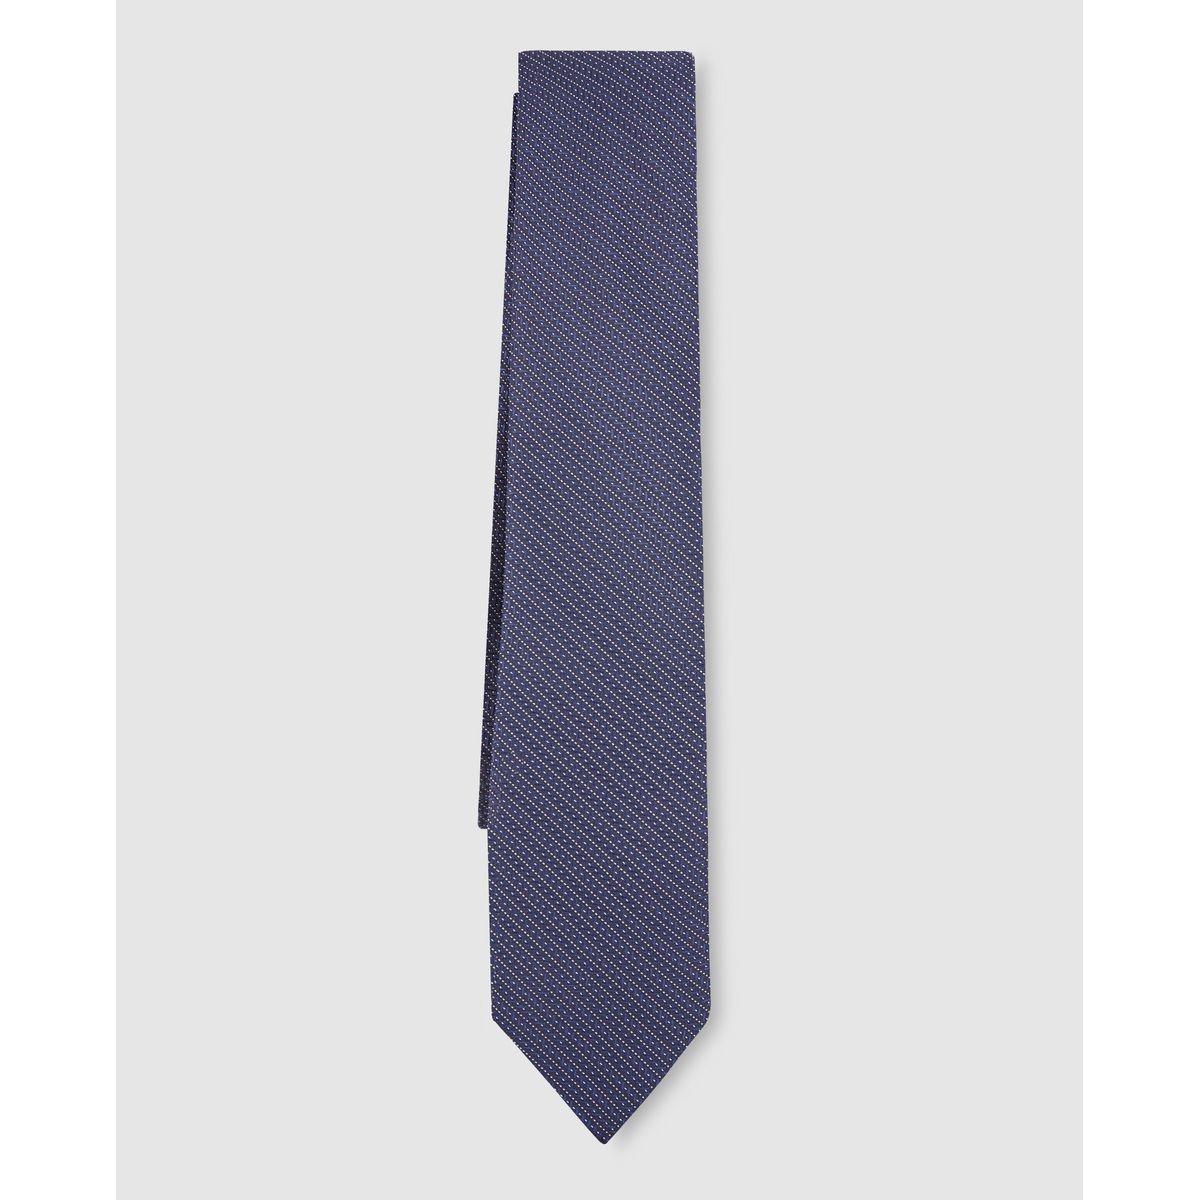 Cravate en polyester rayée